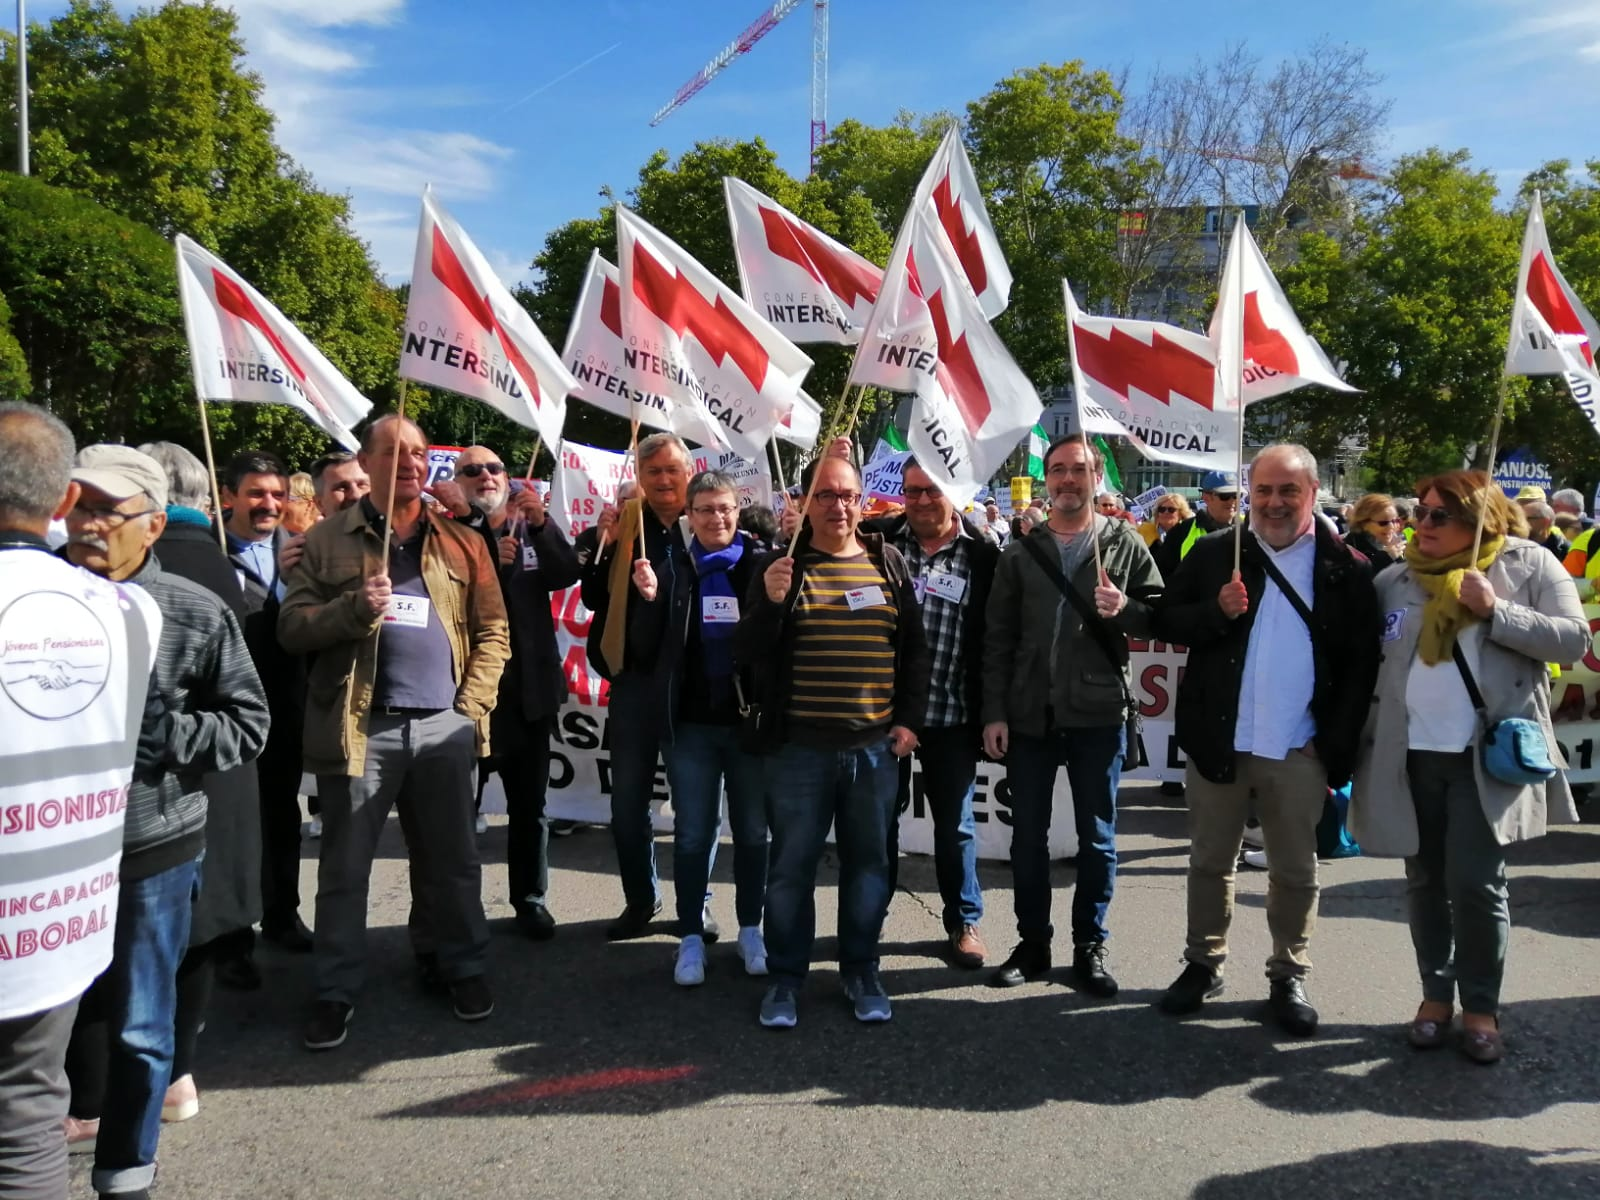 La delegació d'Intersindical a la manifestació de Madrid en defensa de les pensions públiques.